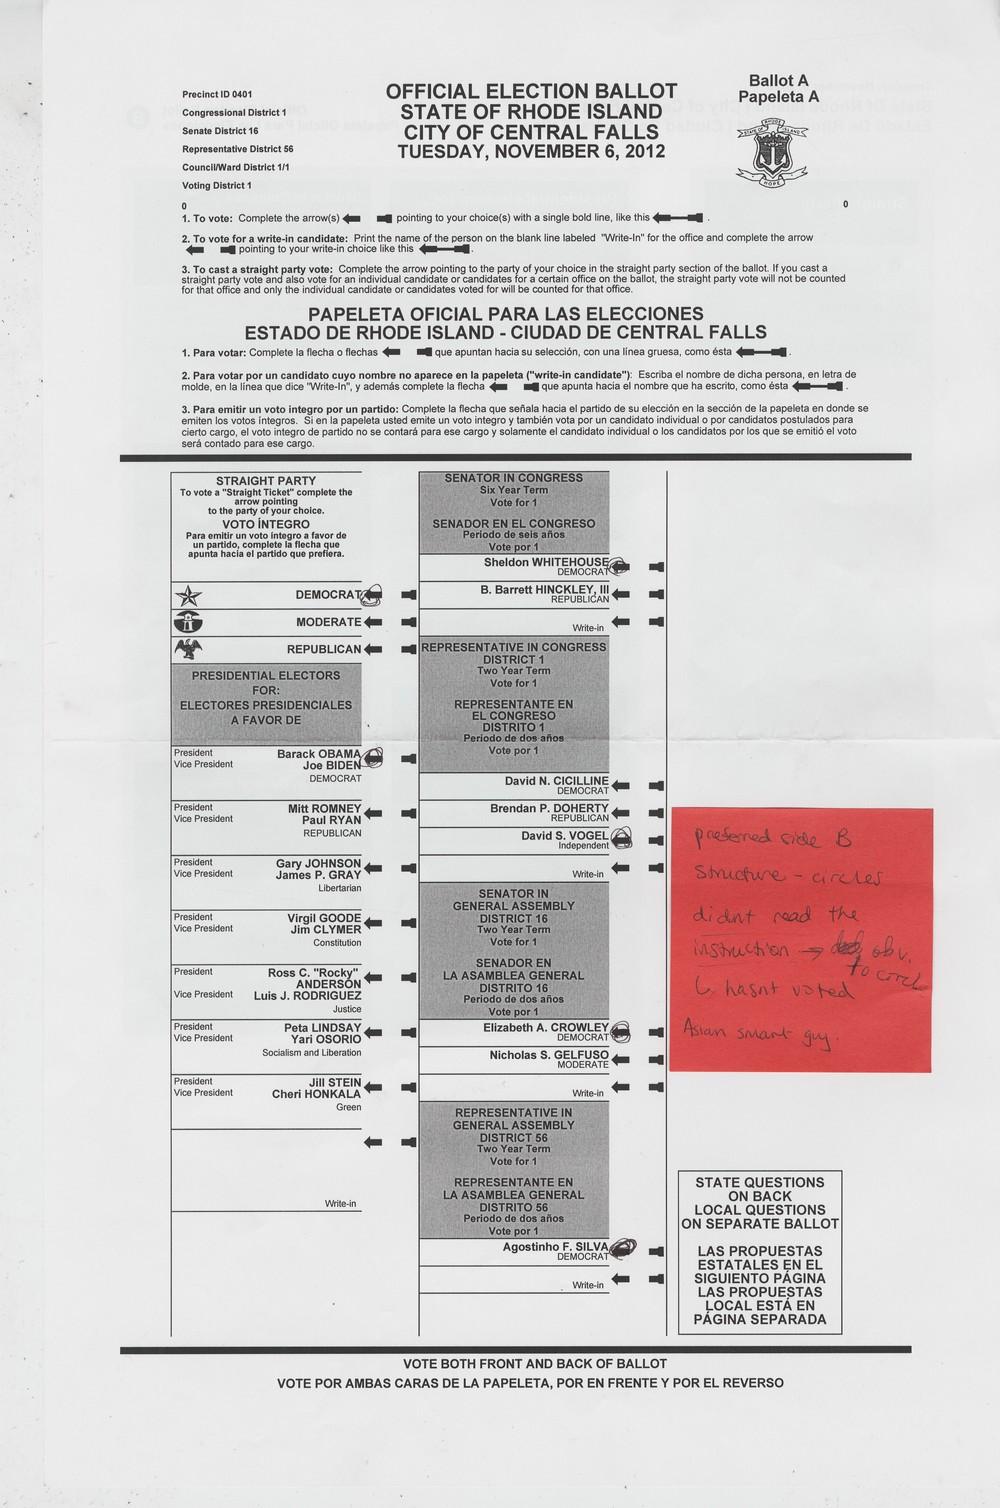 ballot_04a.jpg